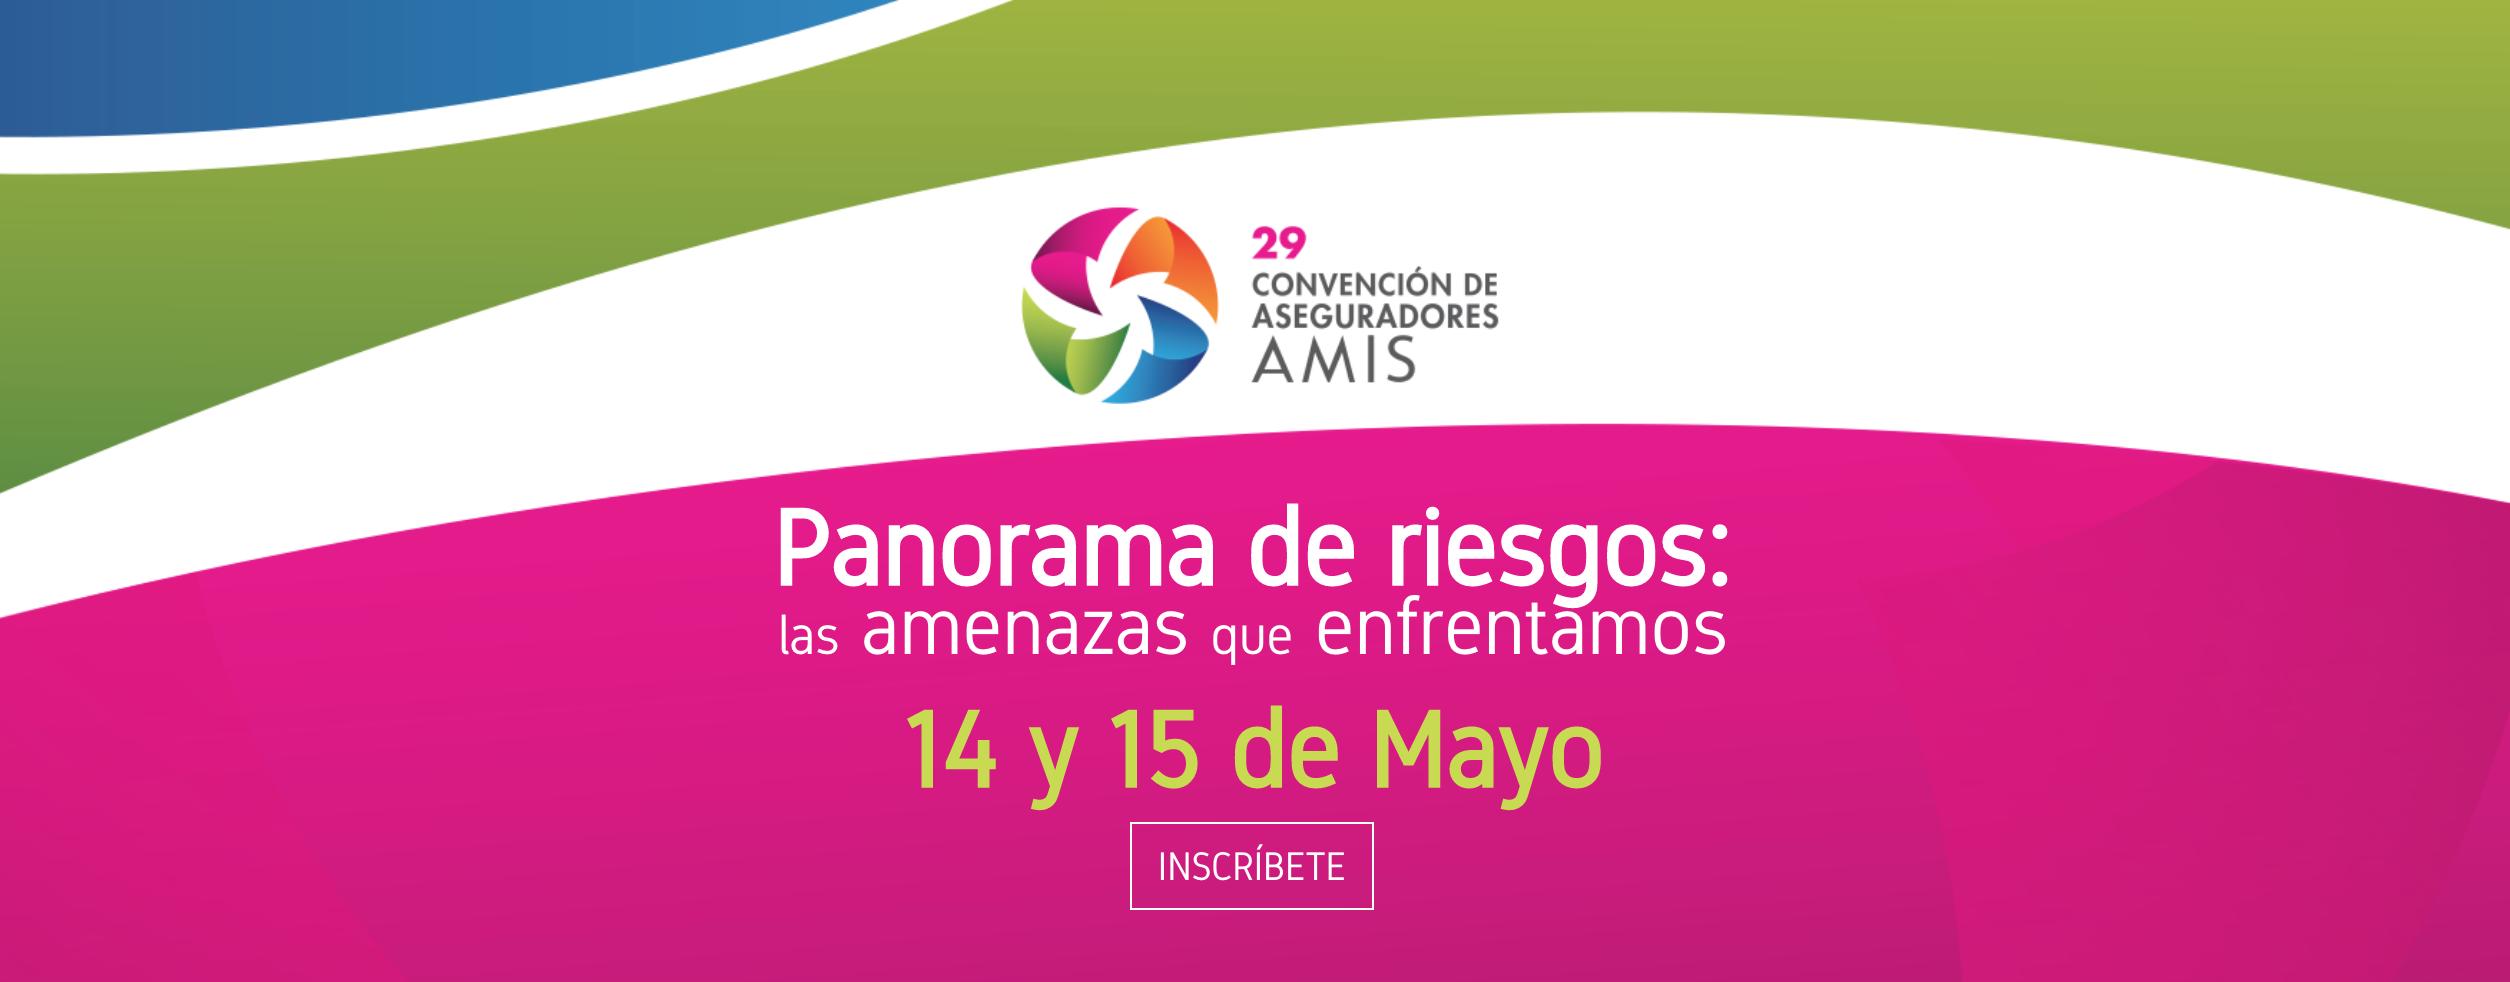 Preparan la 29 Convención de Aseguradores AMIS